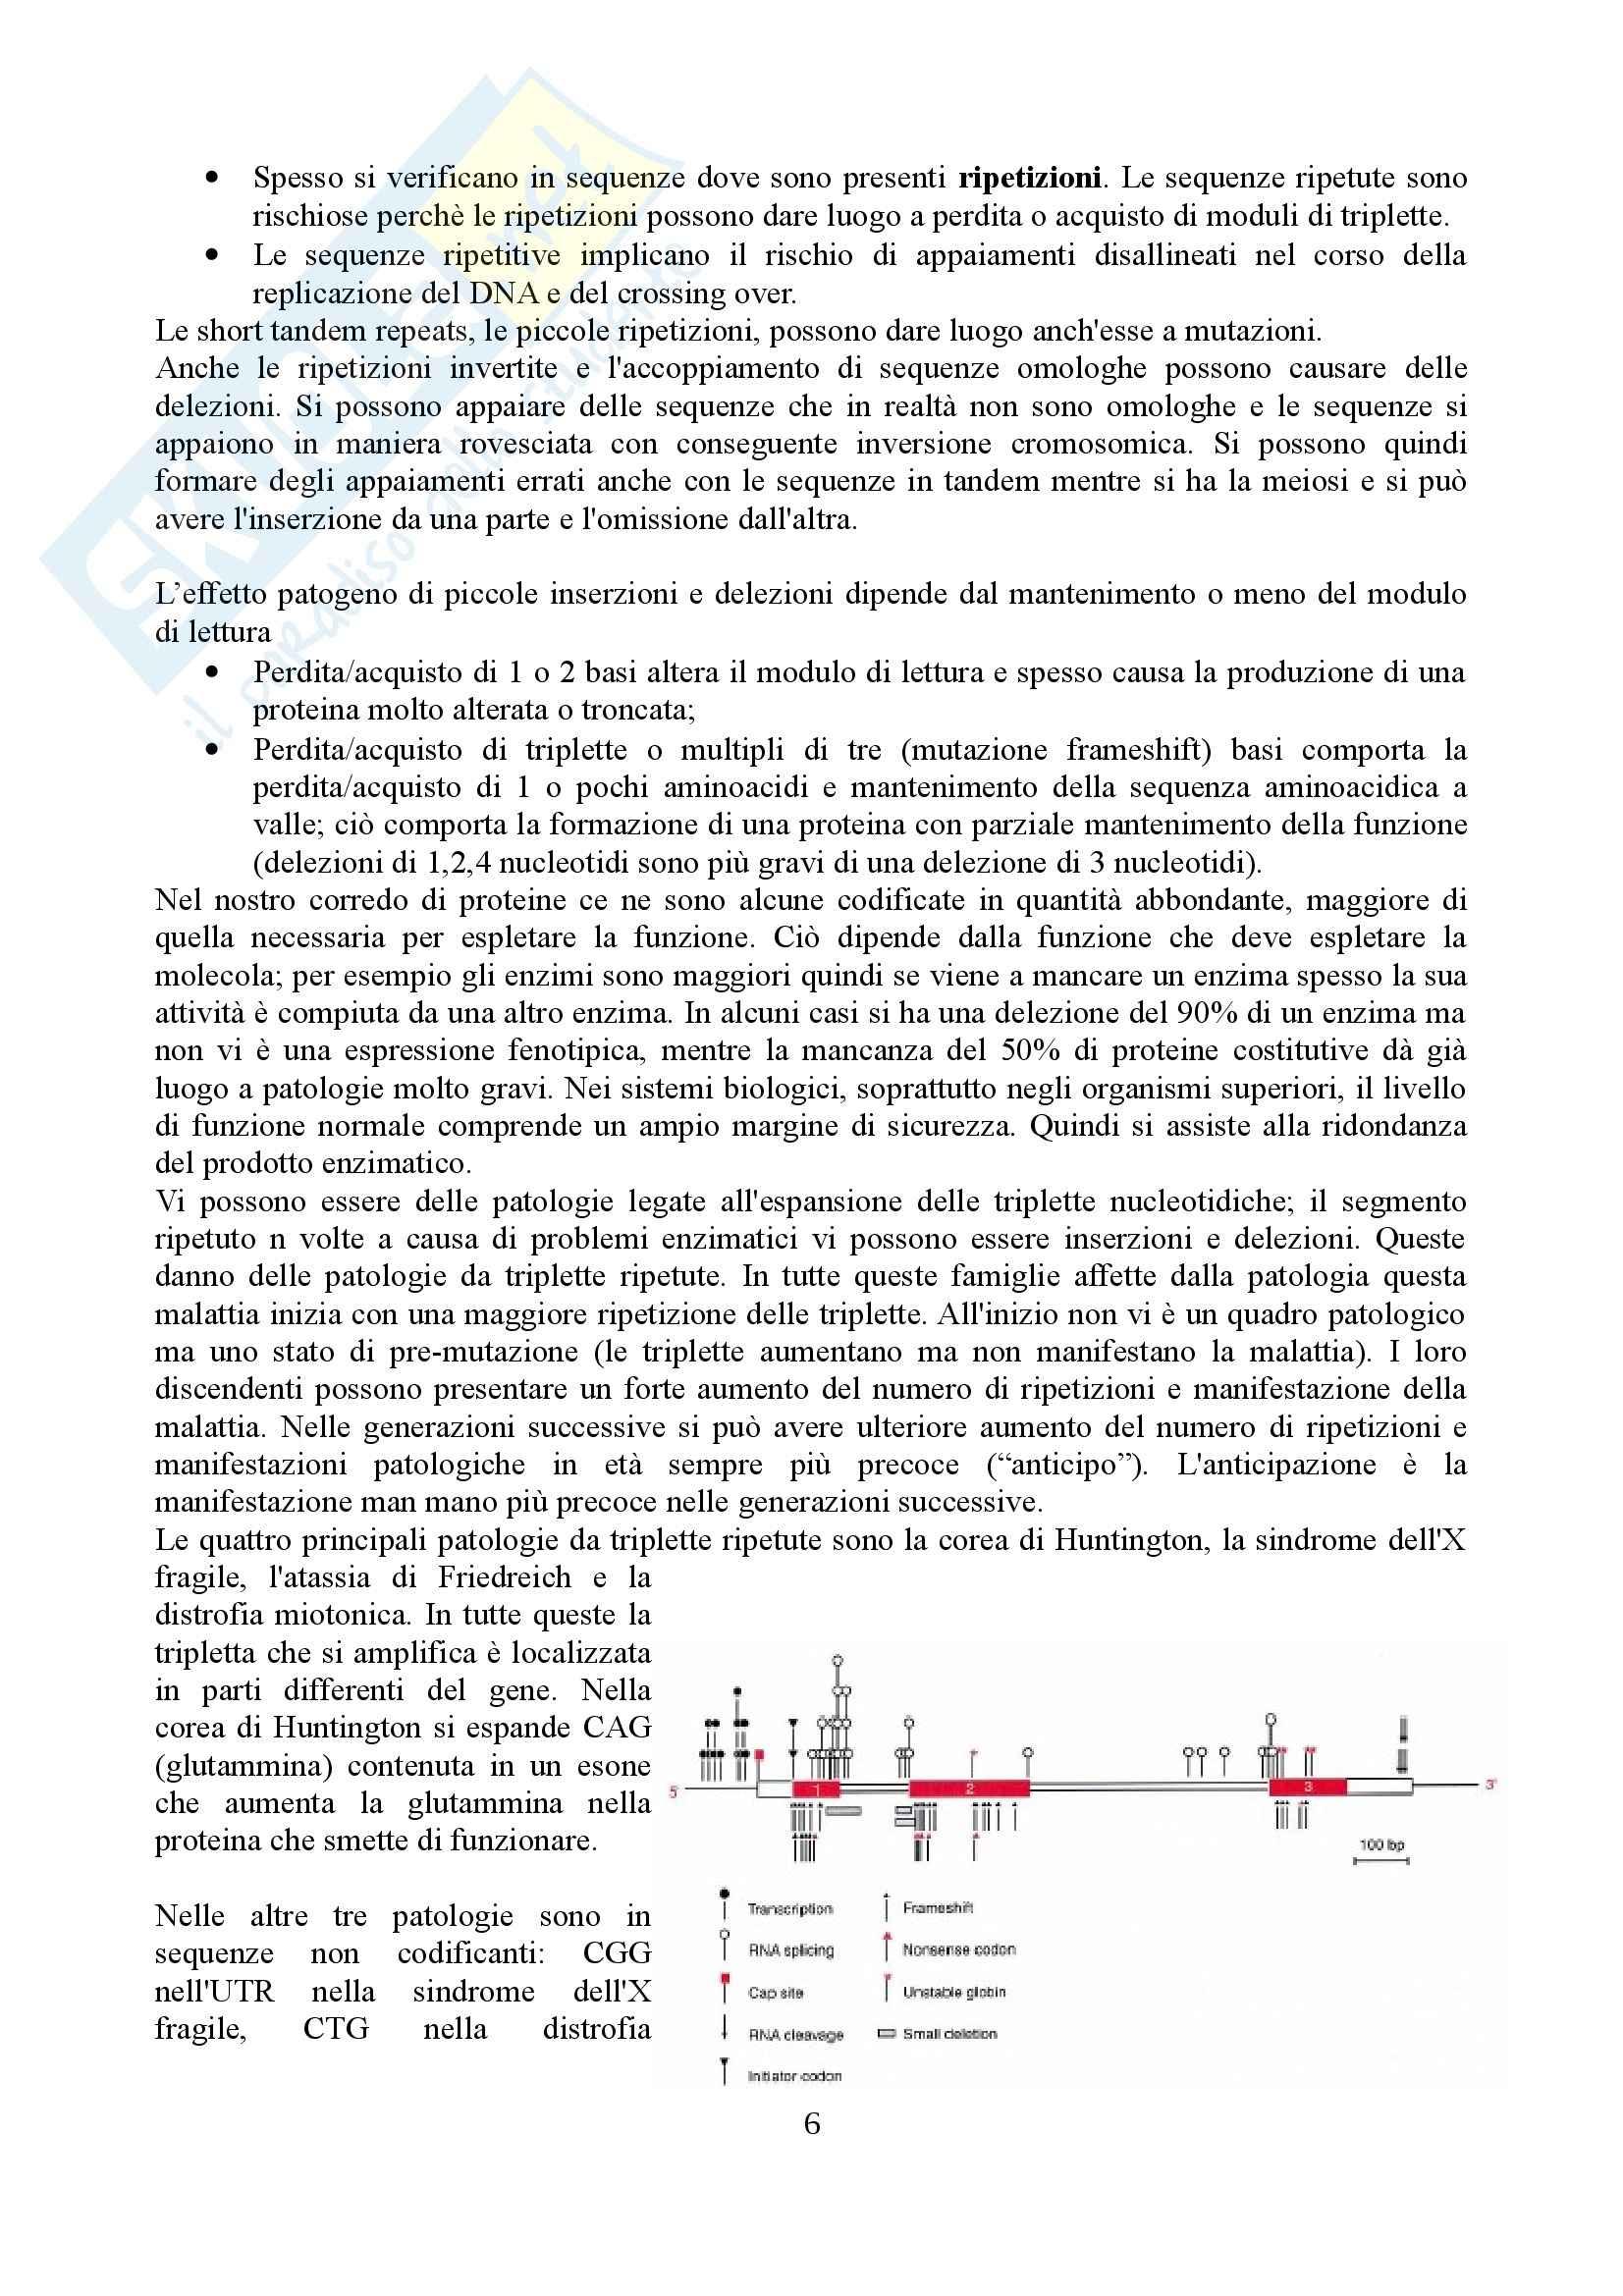 Patologia molecolare - Appunti Pag. 6